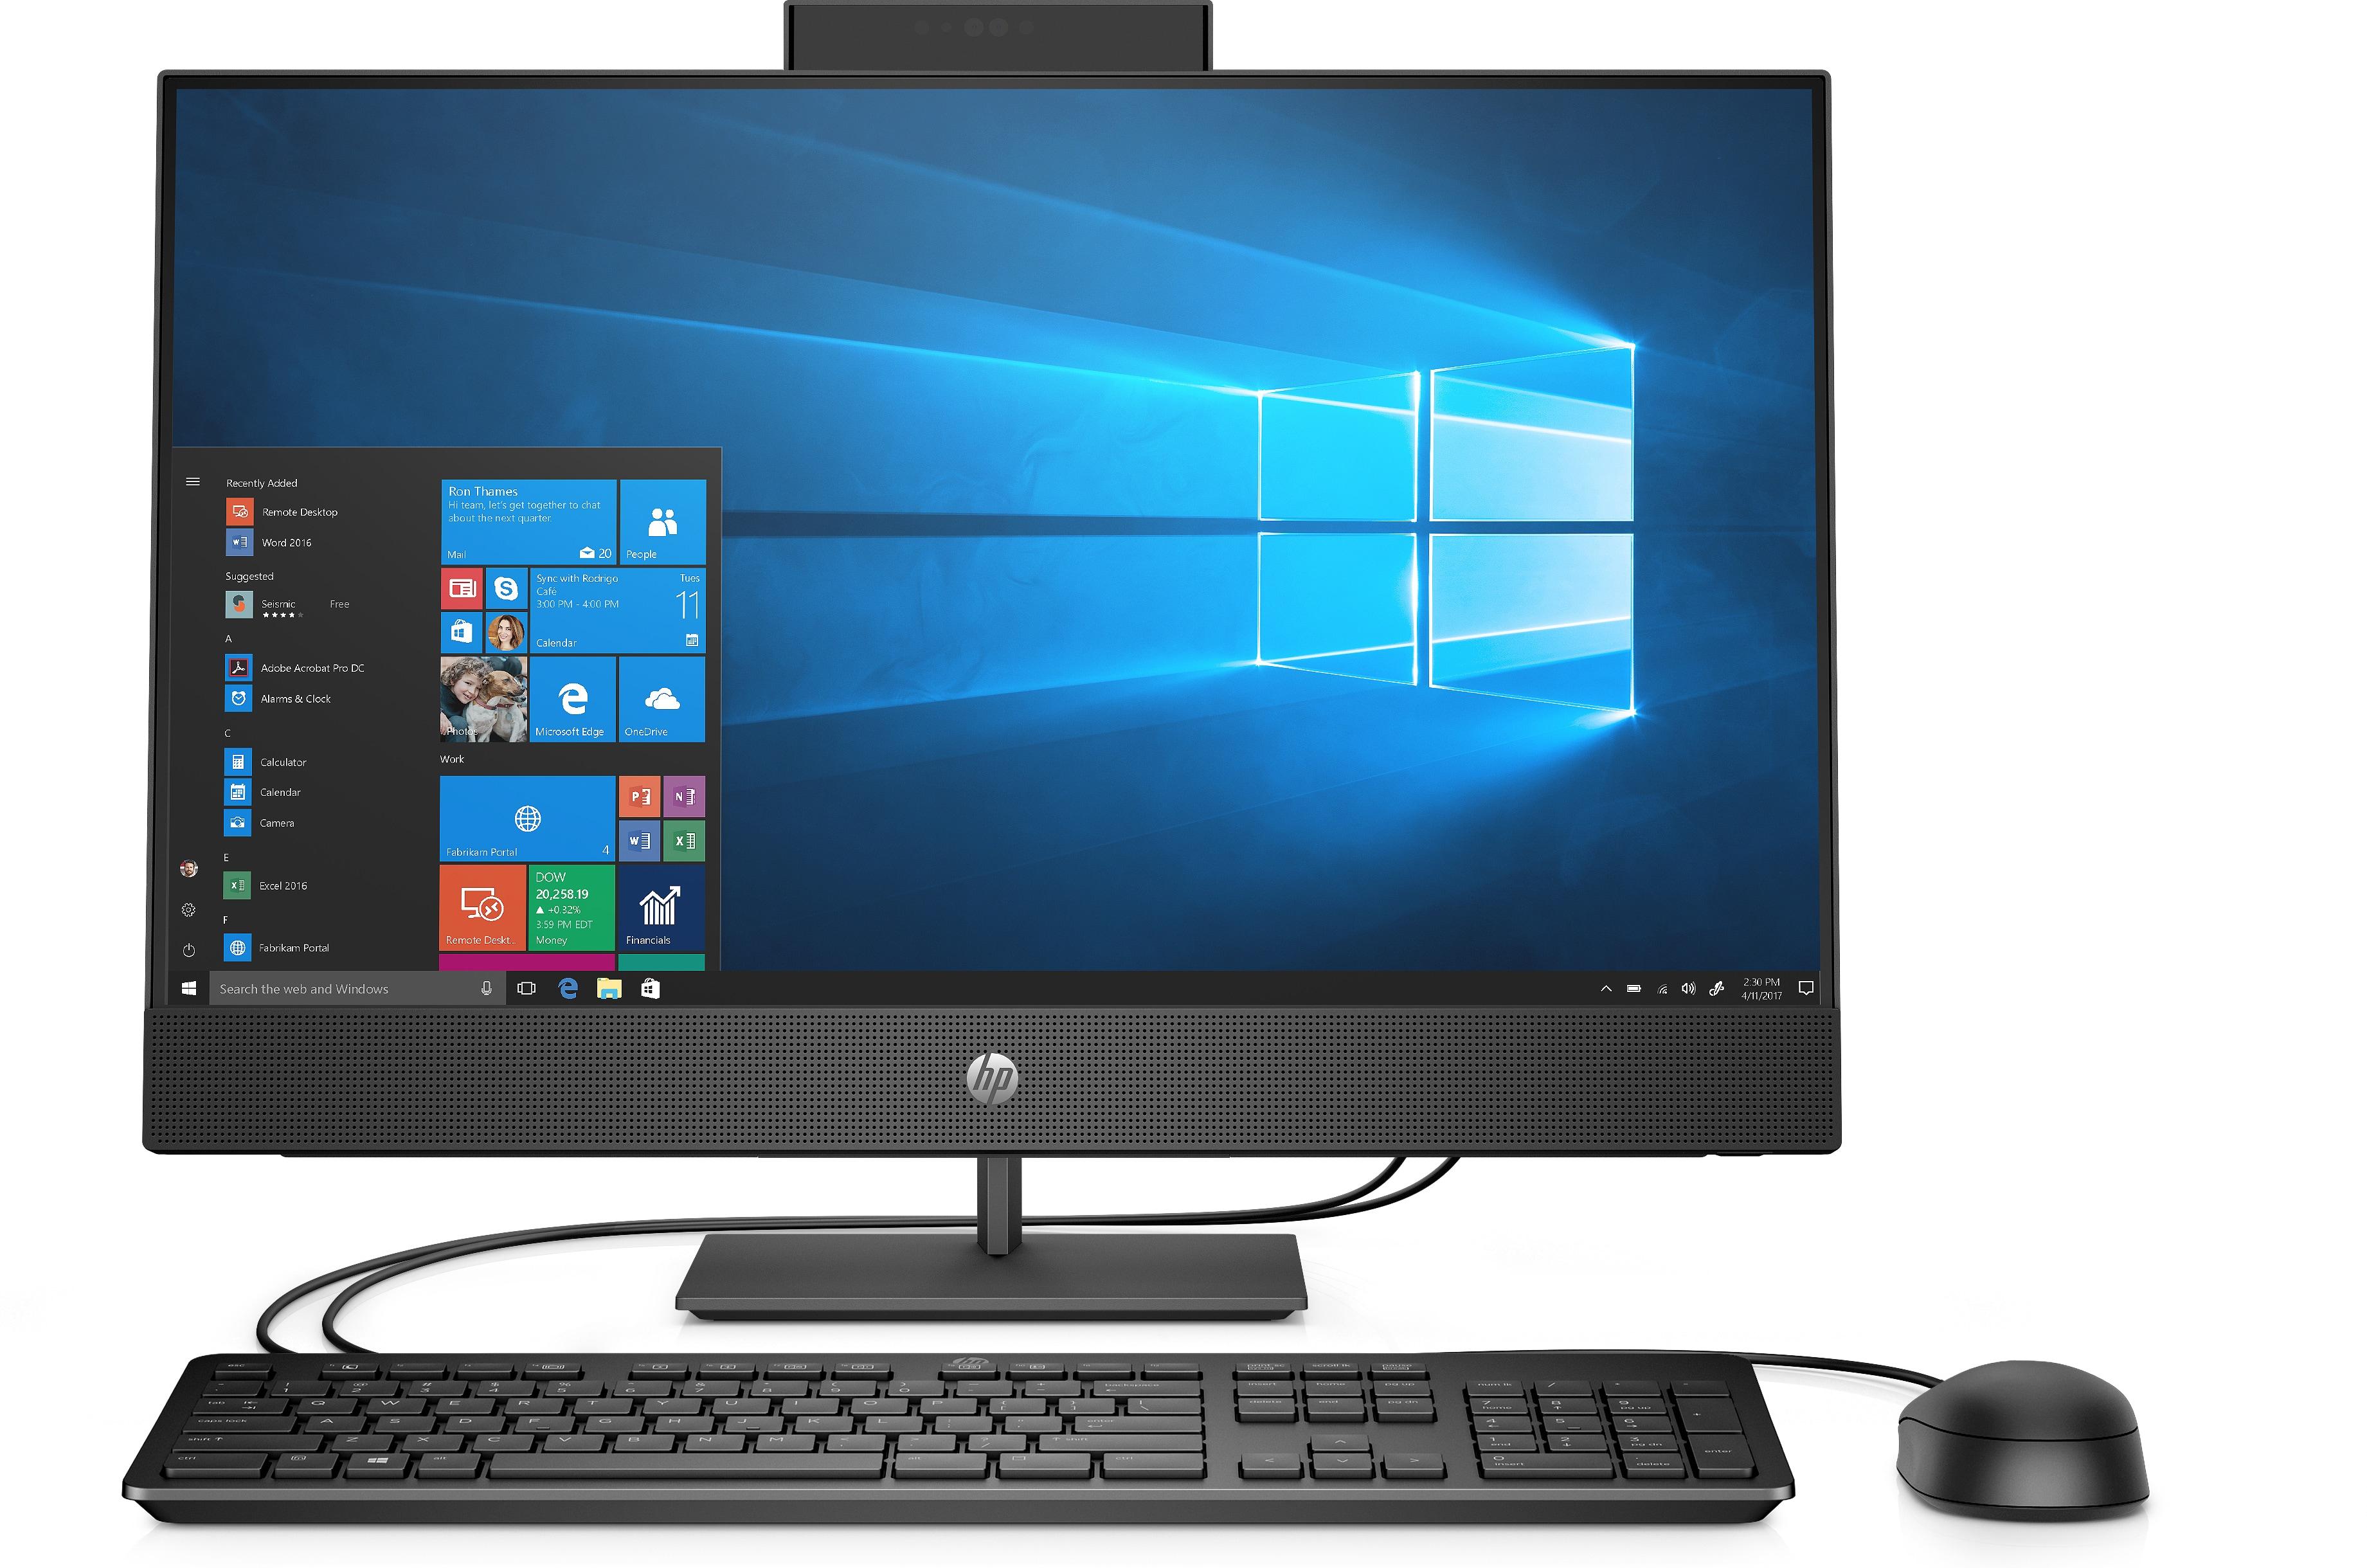 HP ProOne 400 G5 - 60,5 cm (23.8 Zoll) - Full HD - Intel® Core™ i5 der 9. Generation - 8 GB - 256 GB - Windows 10 Pro